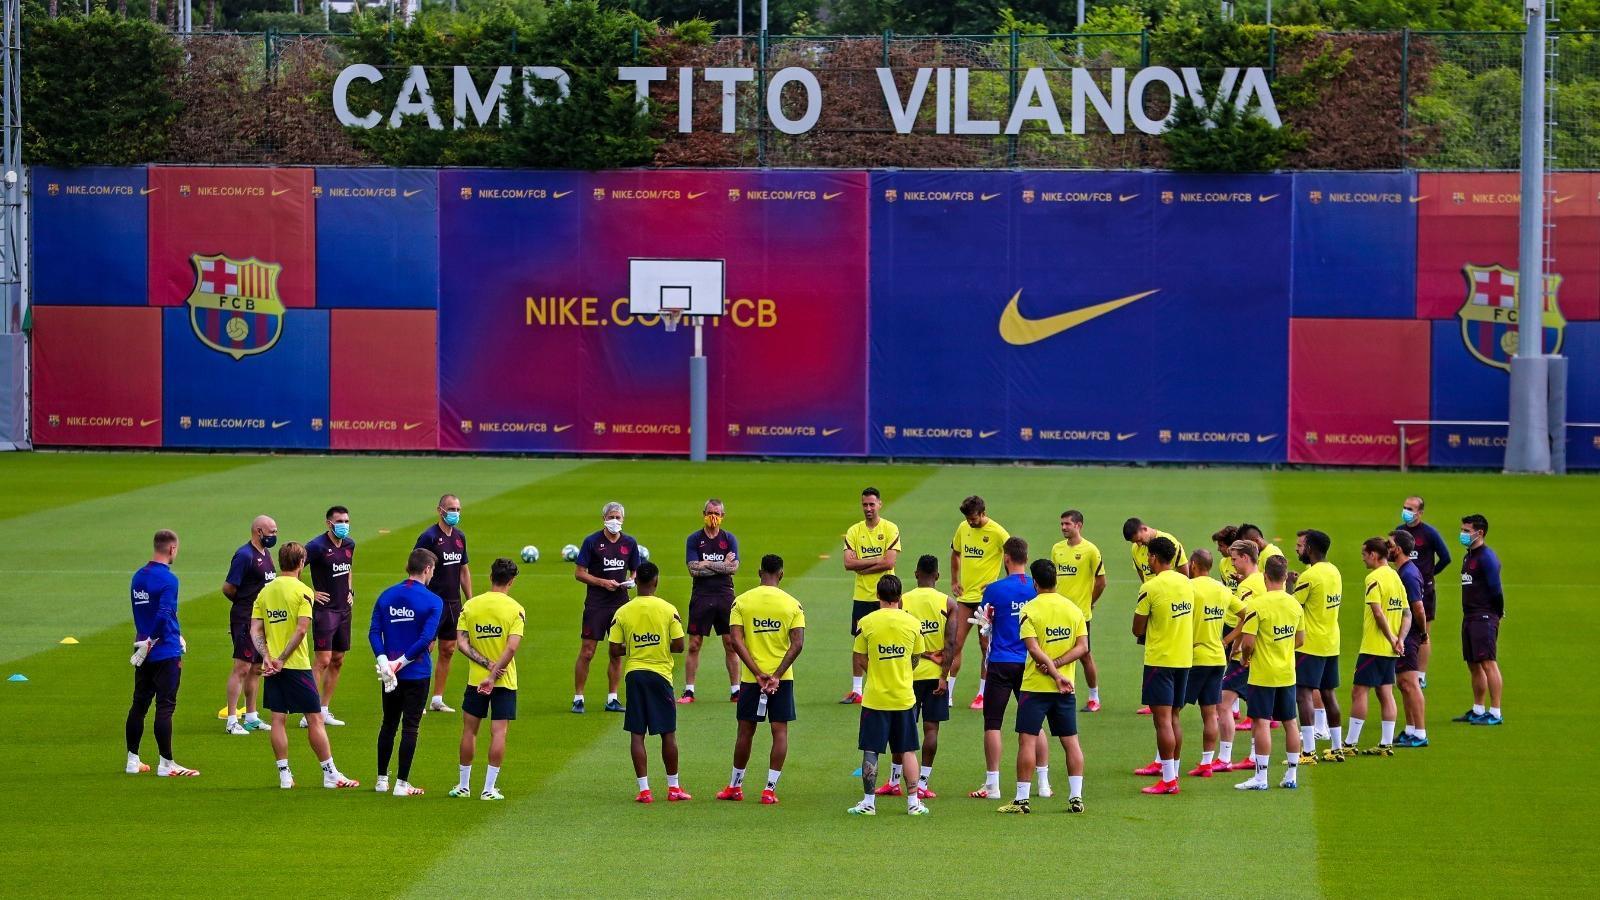 Els equips s'entrenen tots junts per primera vegada en tres mesos